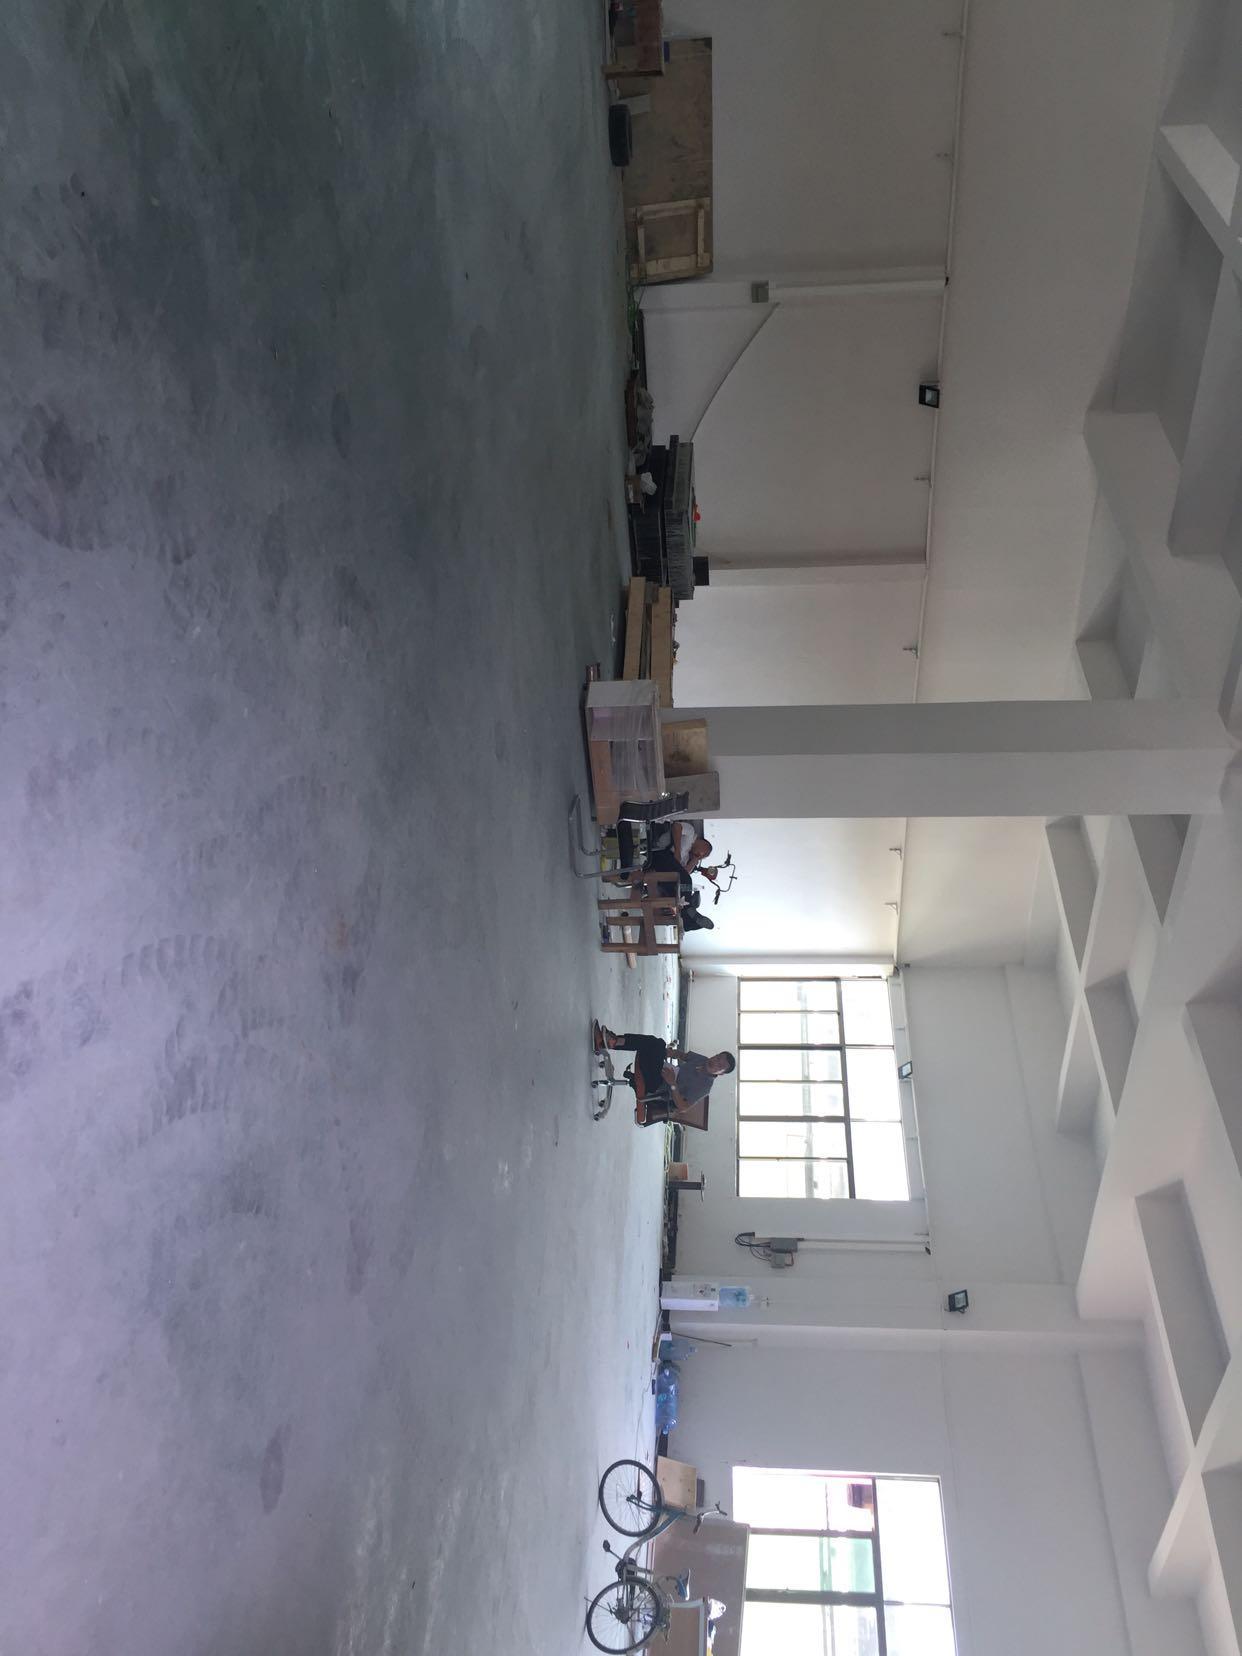 大朗佛新前一秒新出标准厂房分租1⃣️楼600平米水电齐全有办公室